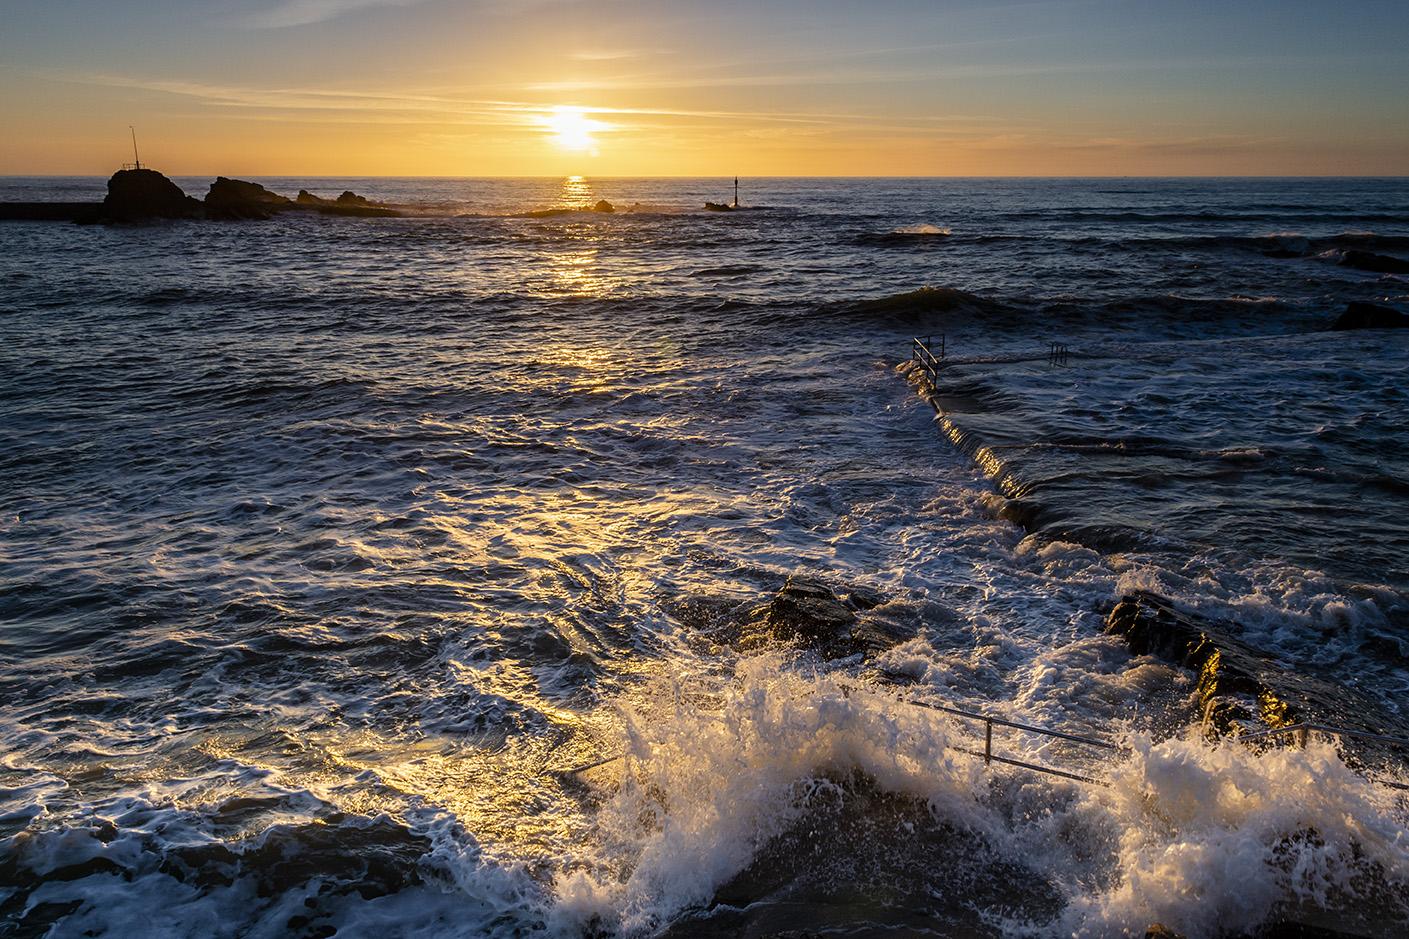 Summer Sunset in Februrary - Summerleaze Beach, Bude